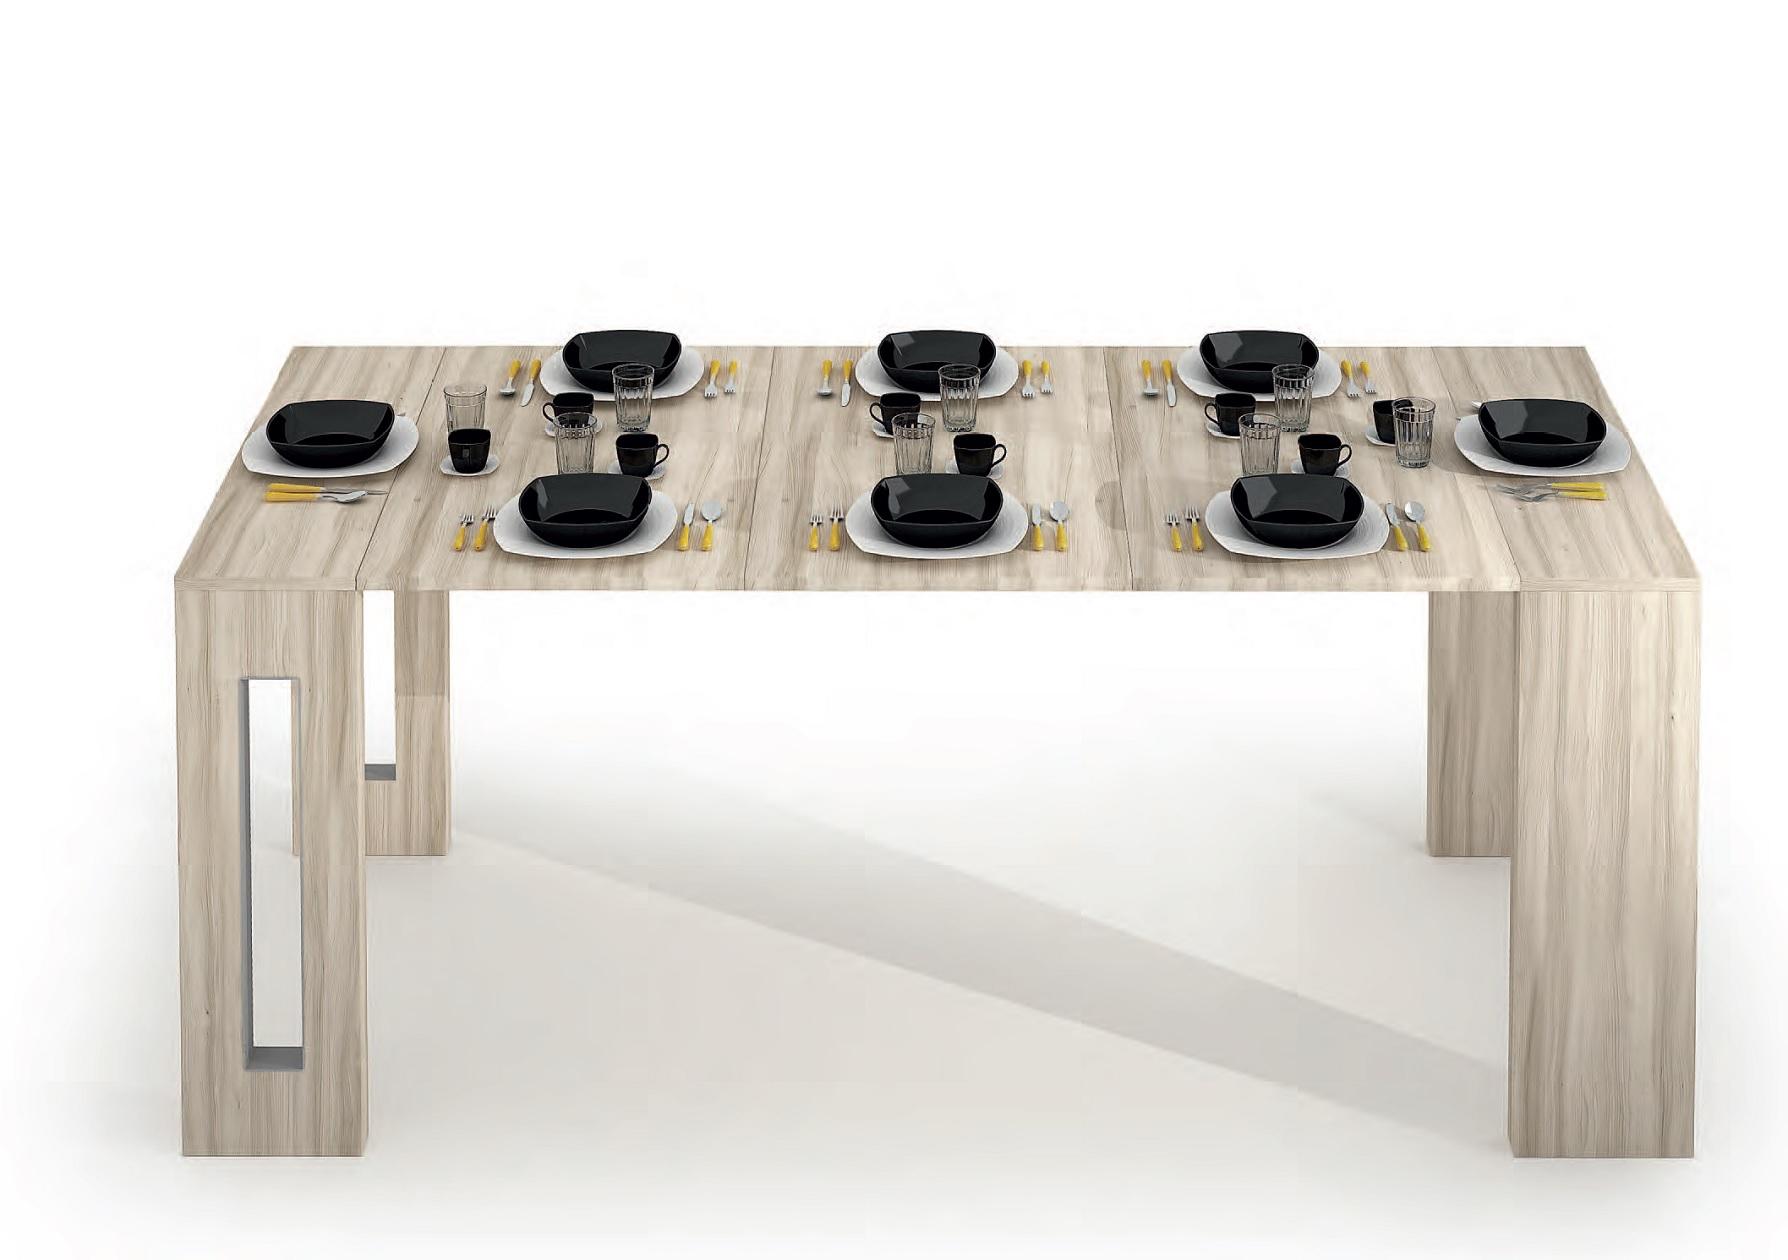 Sedia Minimal Pieghevole Plastica Nobys Ozzio Italia Consolle trasformabile tavoli a prezzi scontati